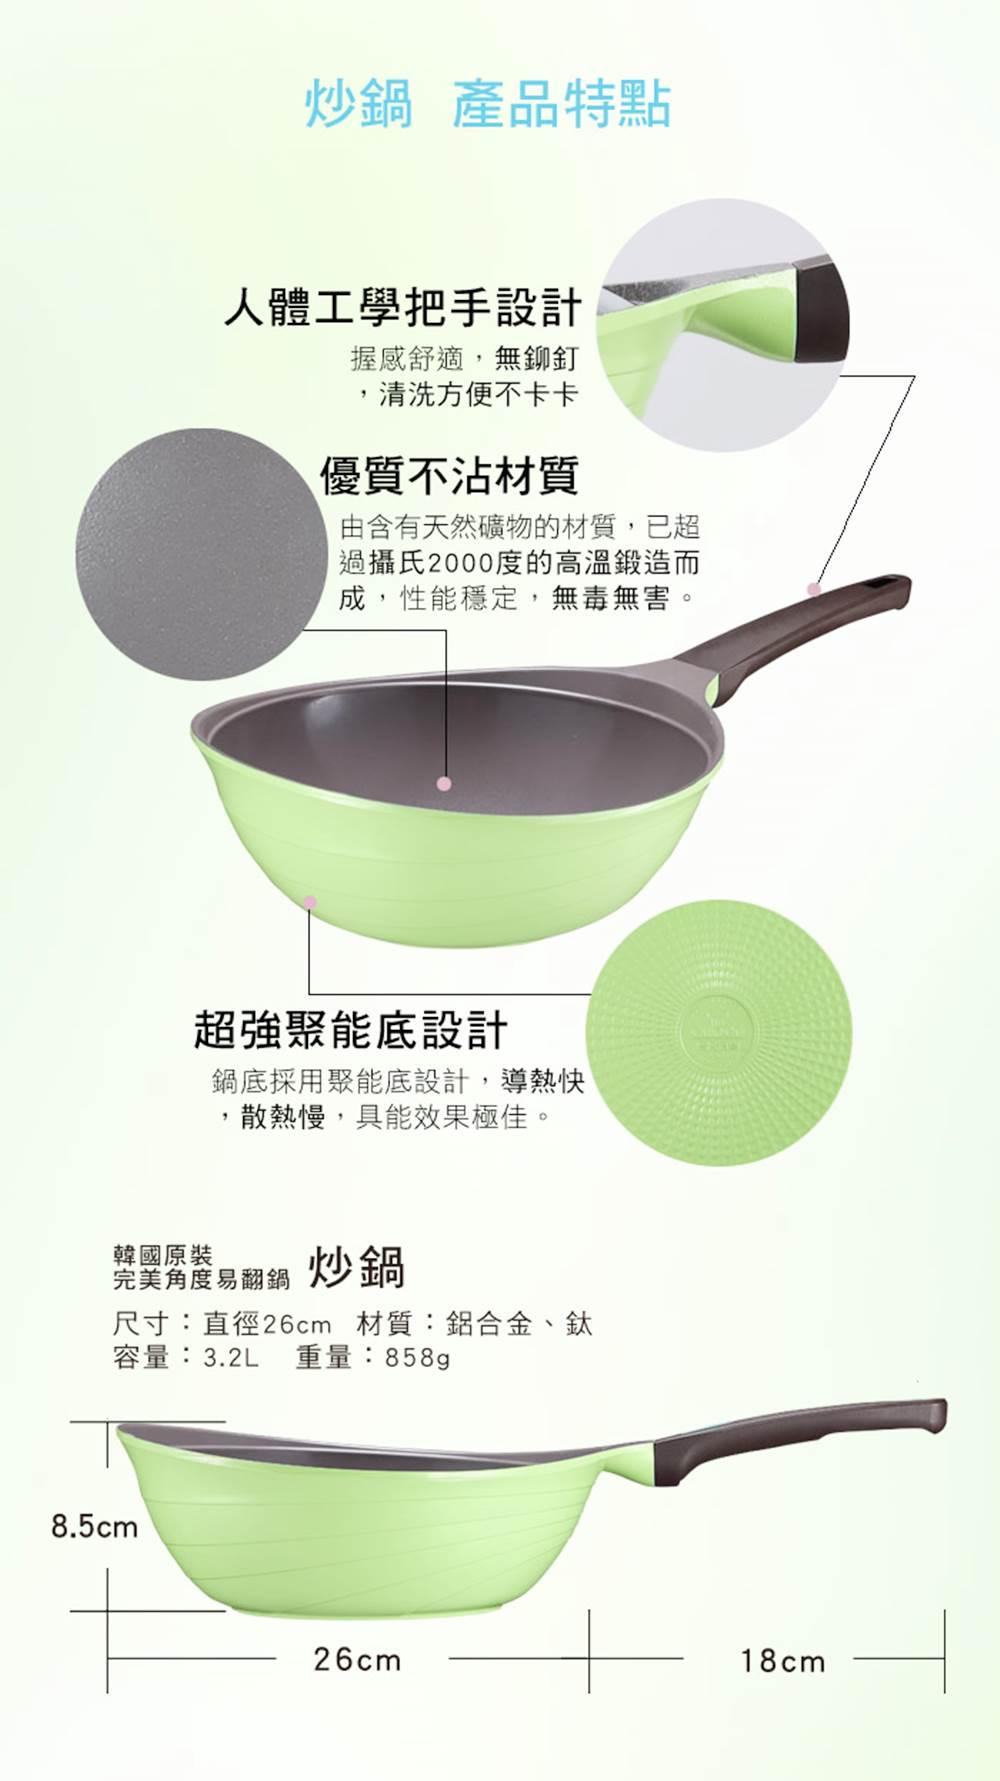 蔥媽媽 青蘋炒鍋 人體工學把手 不沾材質 煮菜導熱快